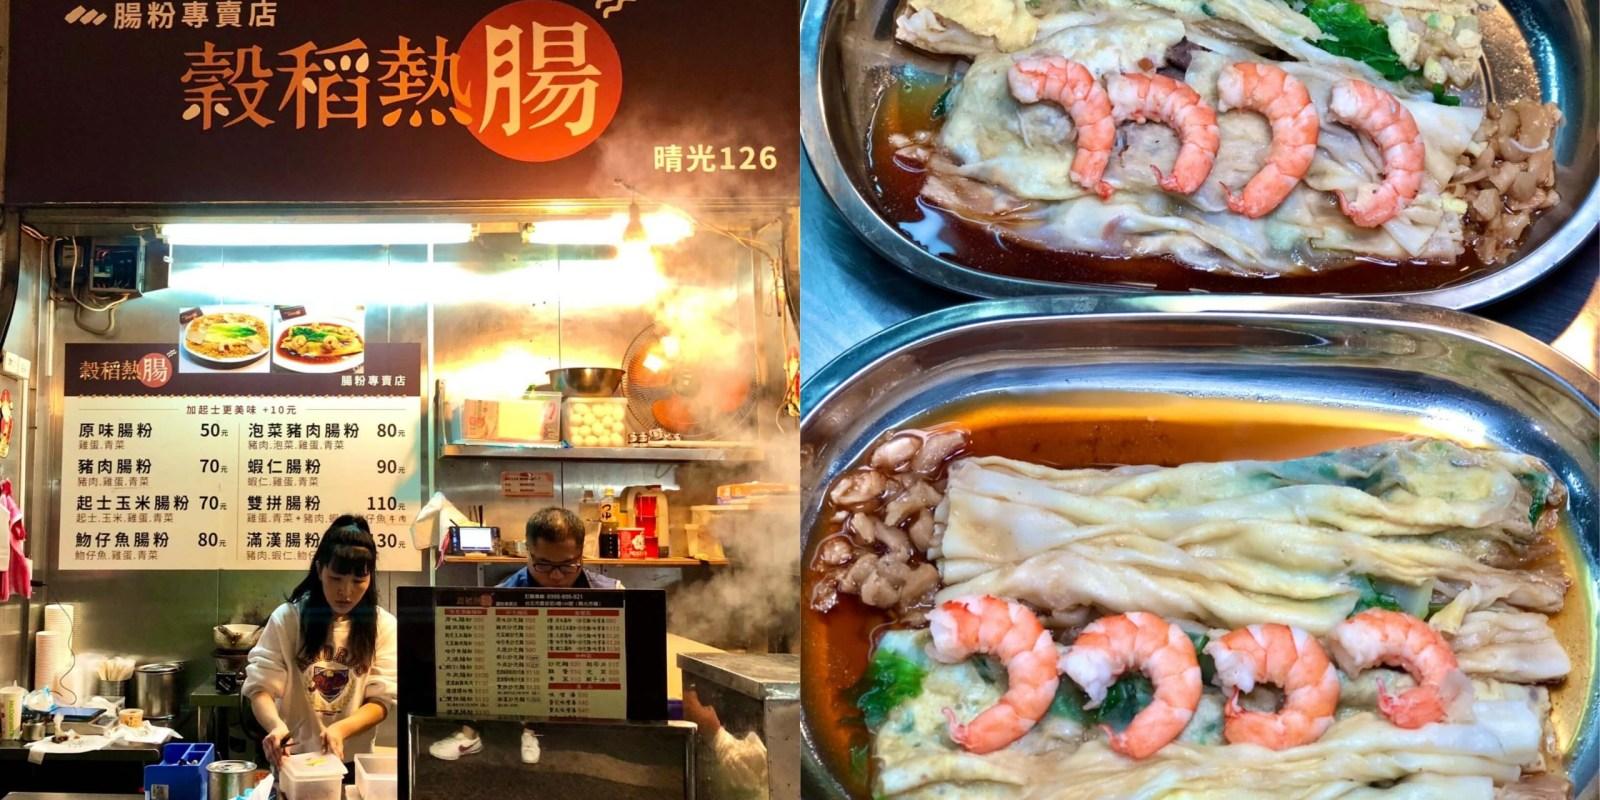 【台北美食】穀稻熱腸|隱藏在晴光市場內的廣式腸粉,從基本口味到滿漢一次擁有!